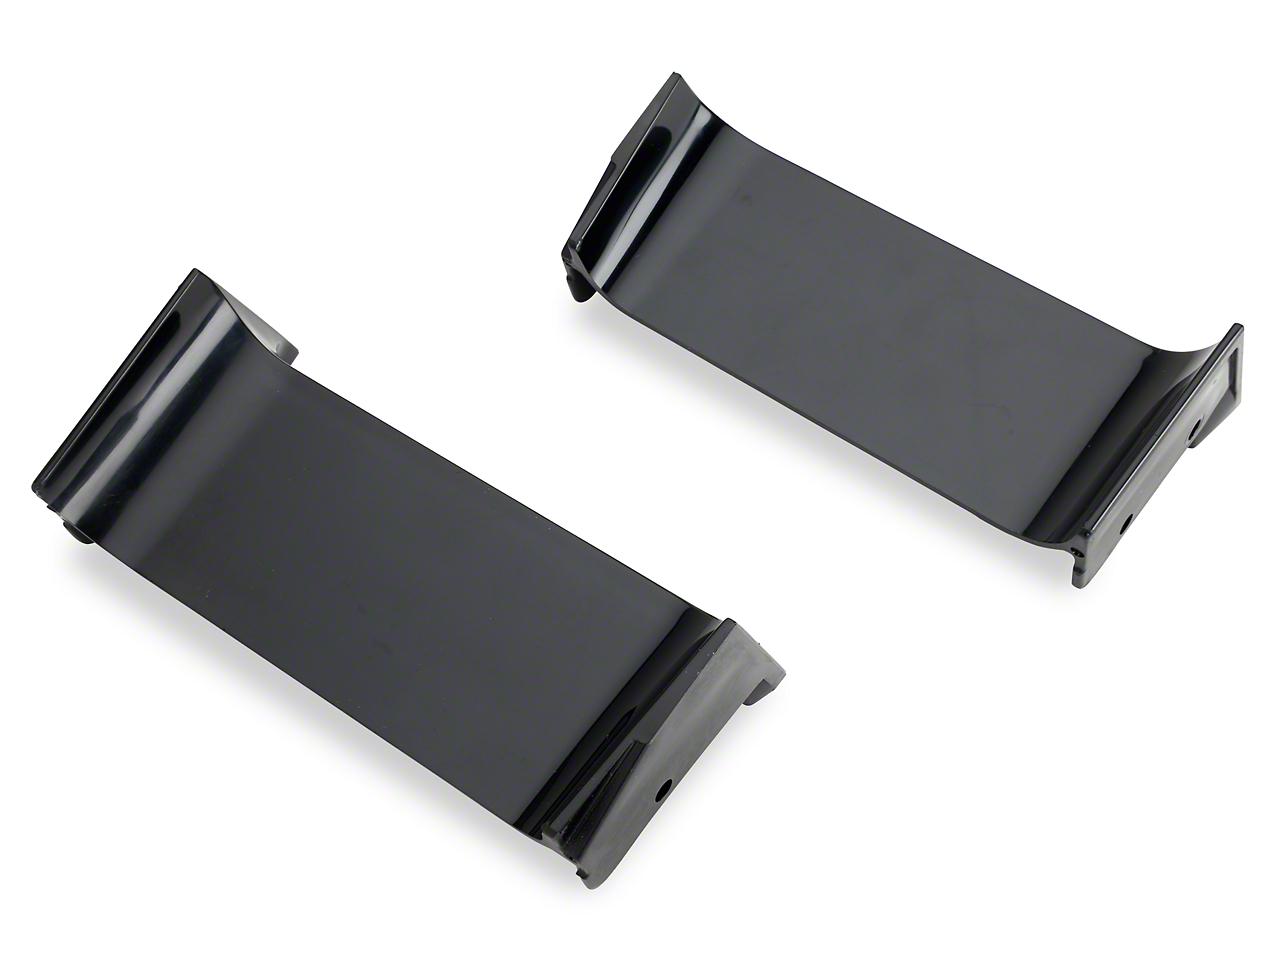 OPR Headlight Divider Bars (83-86 All, Excluding SVO)